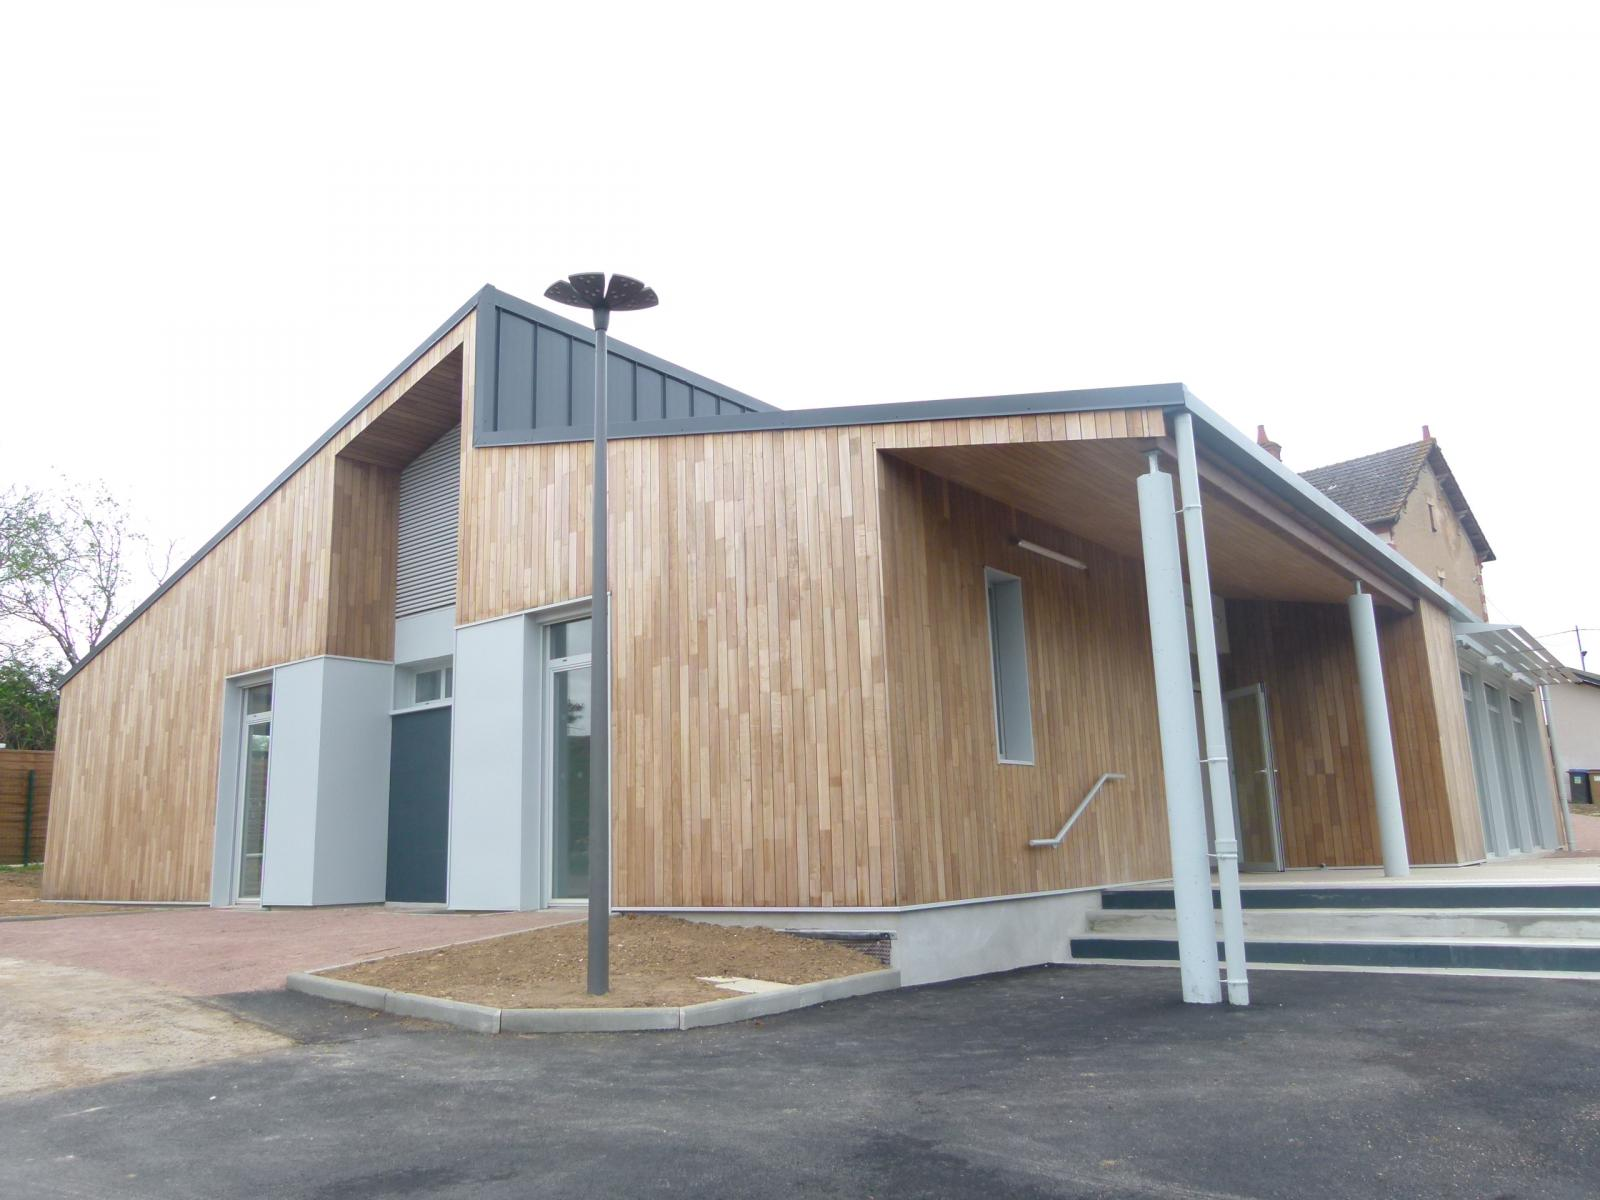 Ecole primaire de Saint-Pierre-les-Etieux